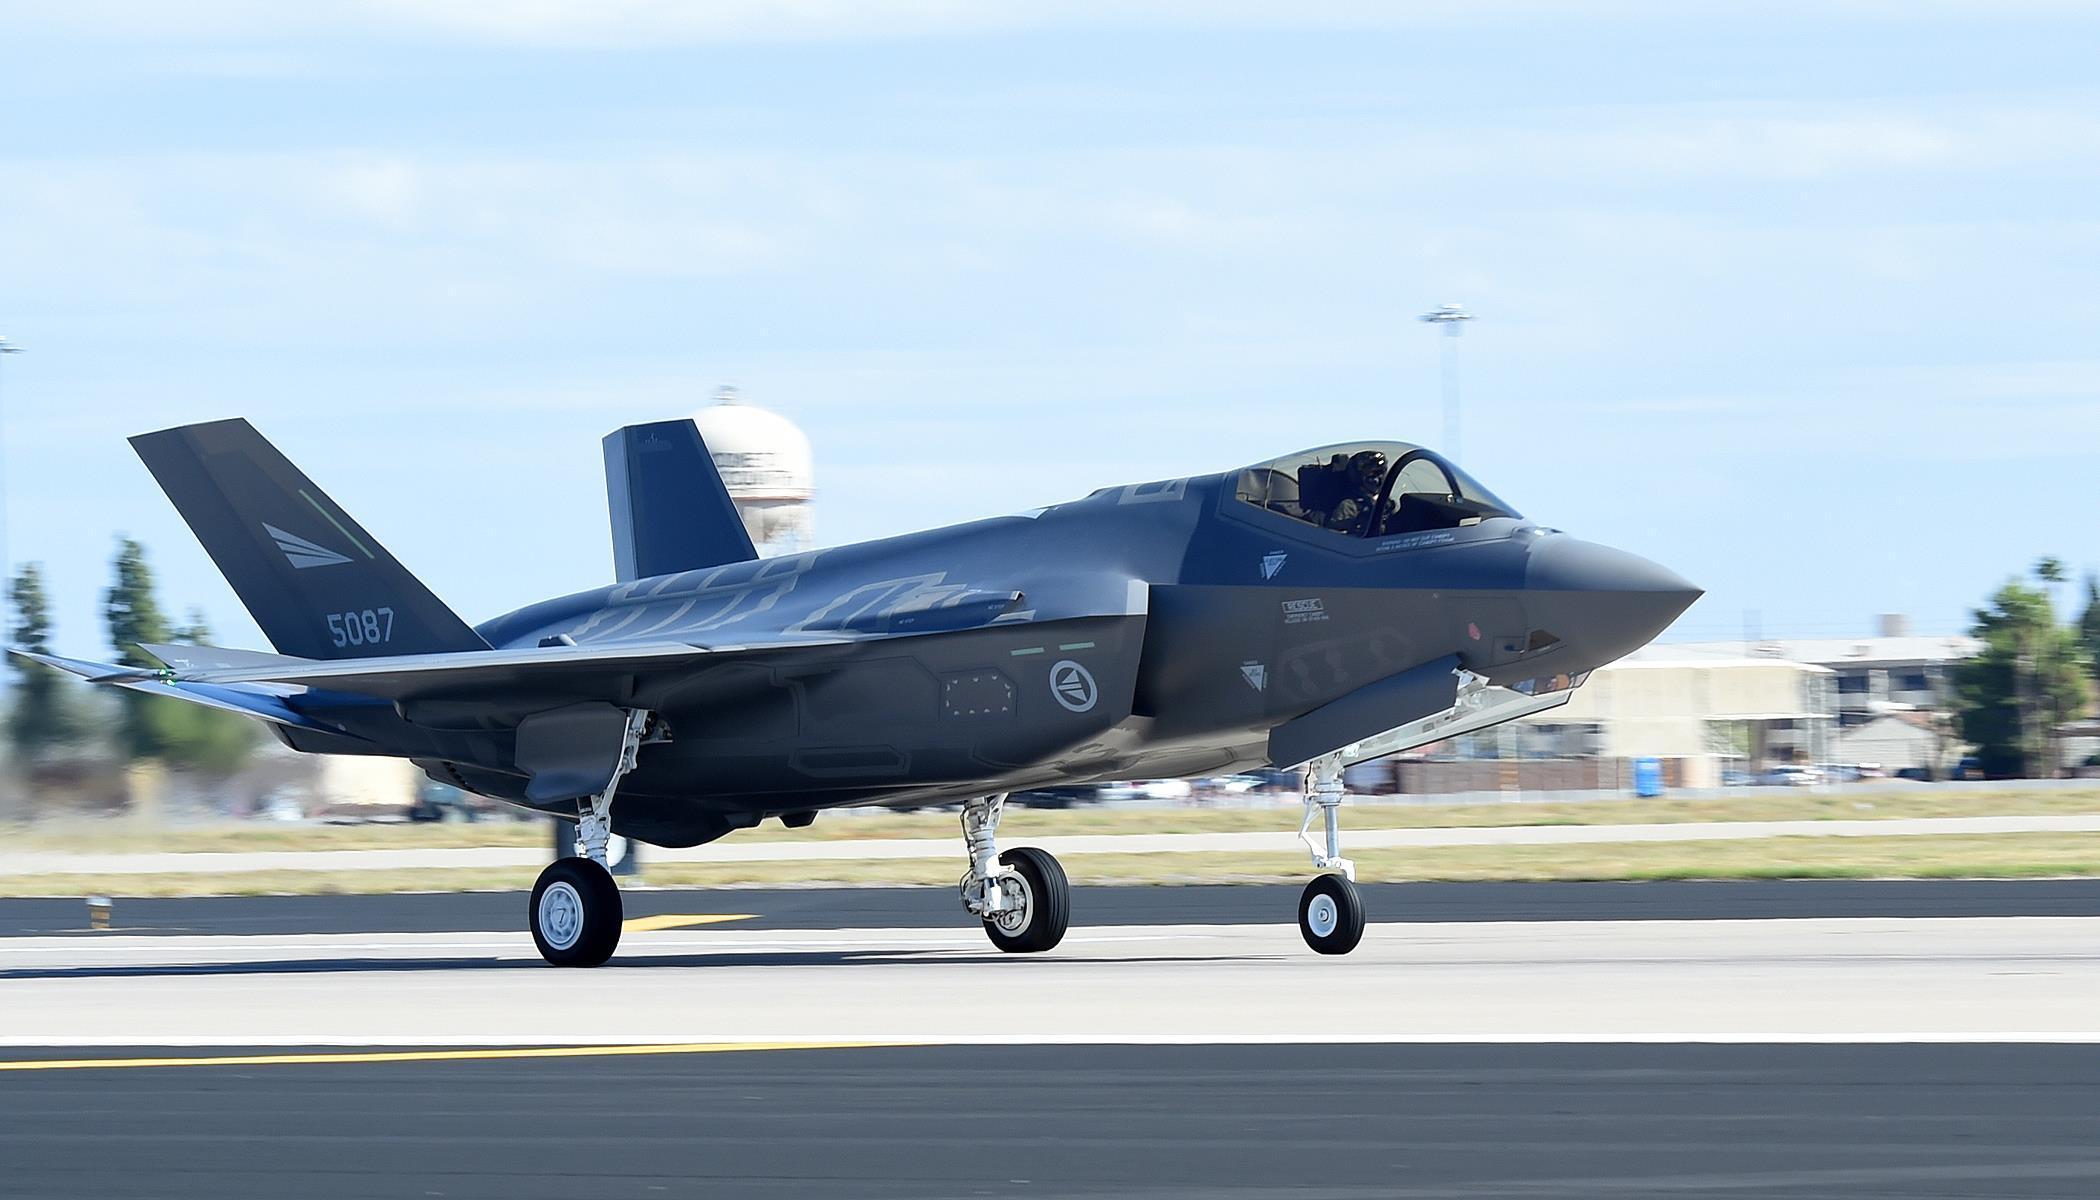 美国这盟友着实冤 让俄军看一眼F35就成了猪队友